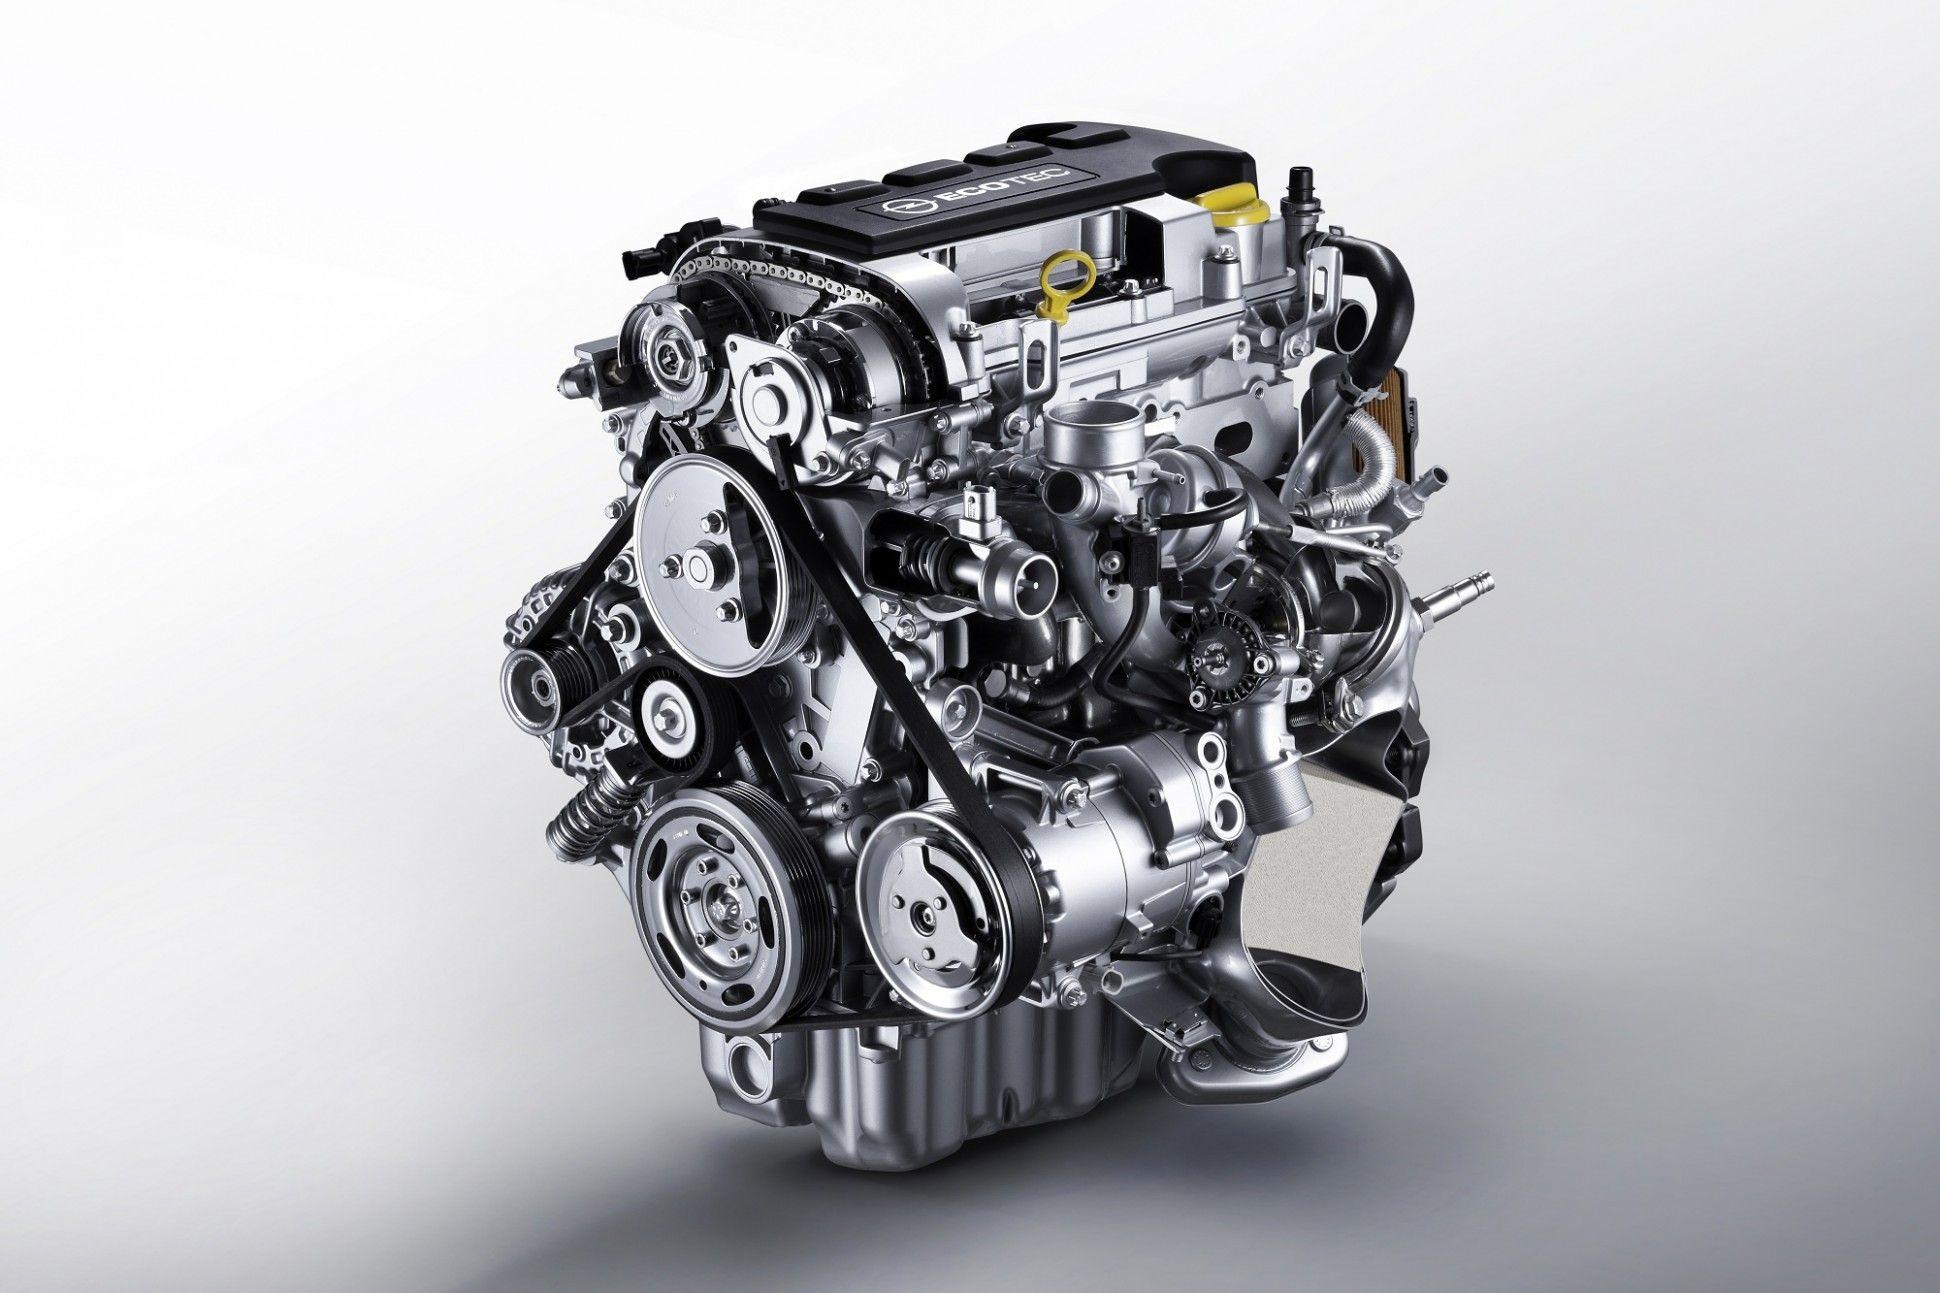 Opel Corsa Lite Engine Diagram For Sale Di 2020  Dengan Gambar